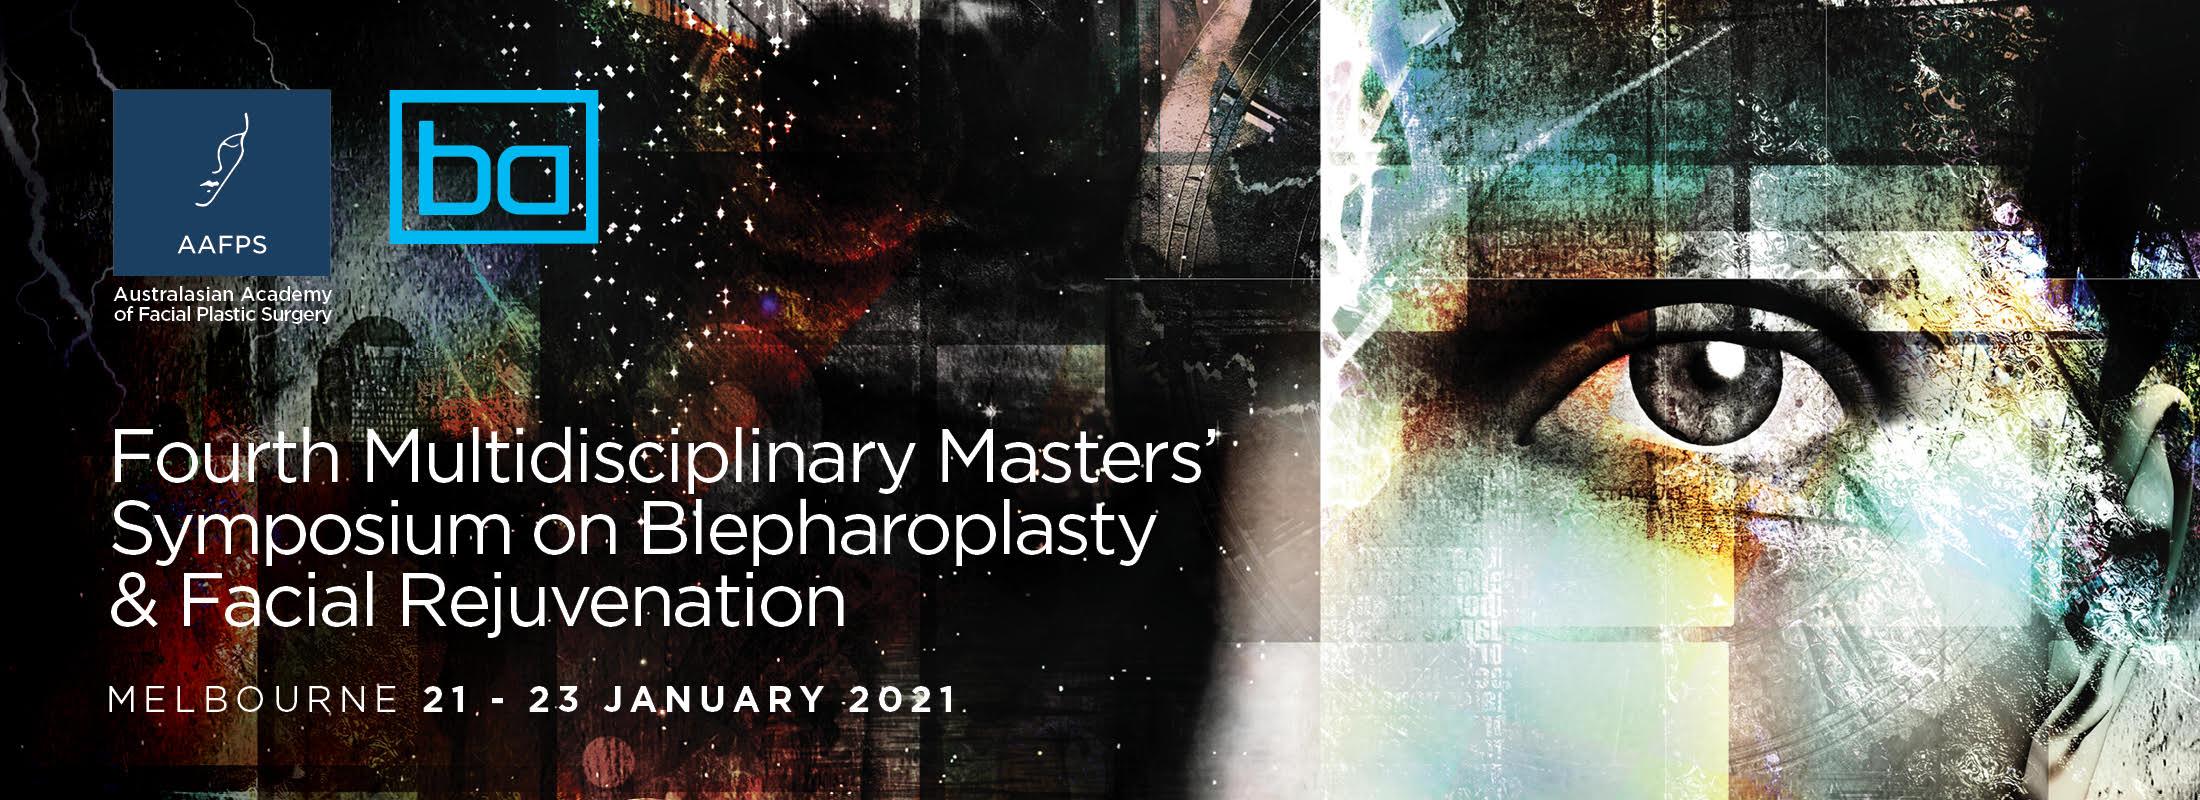 Fourth Multidisciplinary Masters Symposium on Blepharoplasty and Facial Rejuvenation 2021